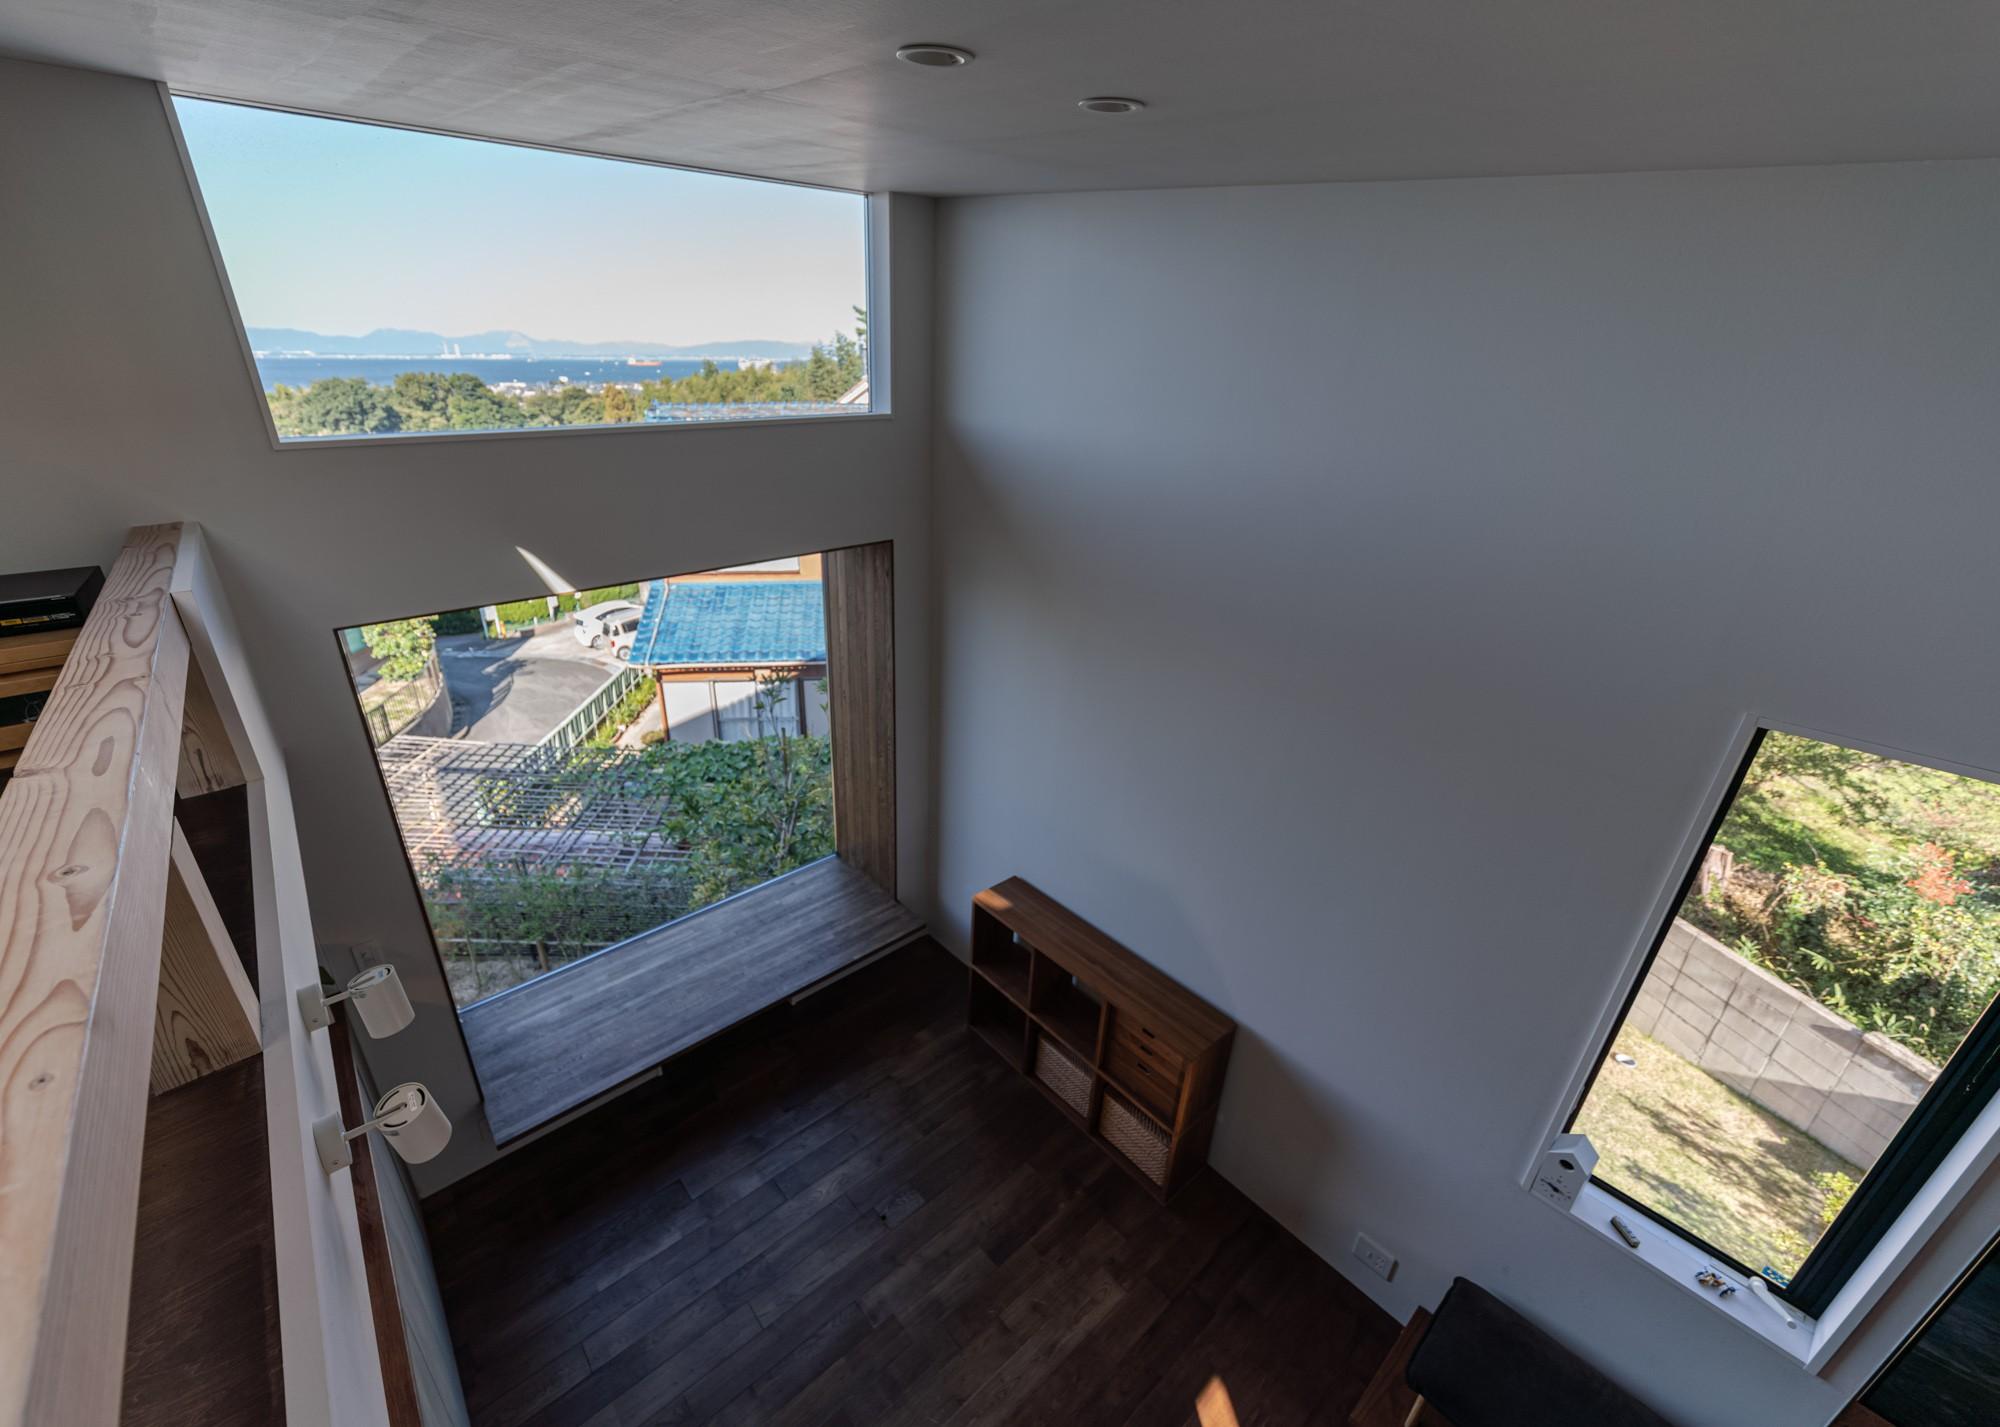 リビングダイニング事例:ロフトからダイニングを見下す・伊勢湾を見るロフトレベルの窓(『青海の家』 風景と住む。~伊勢湾を臨む~)